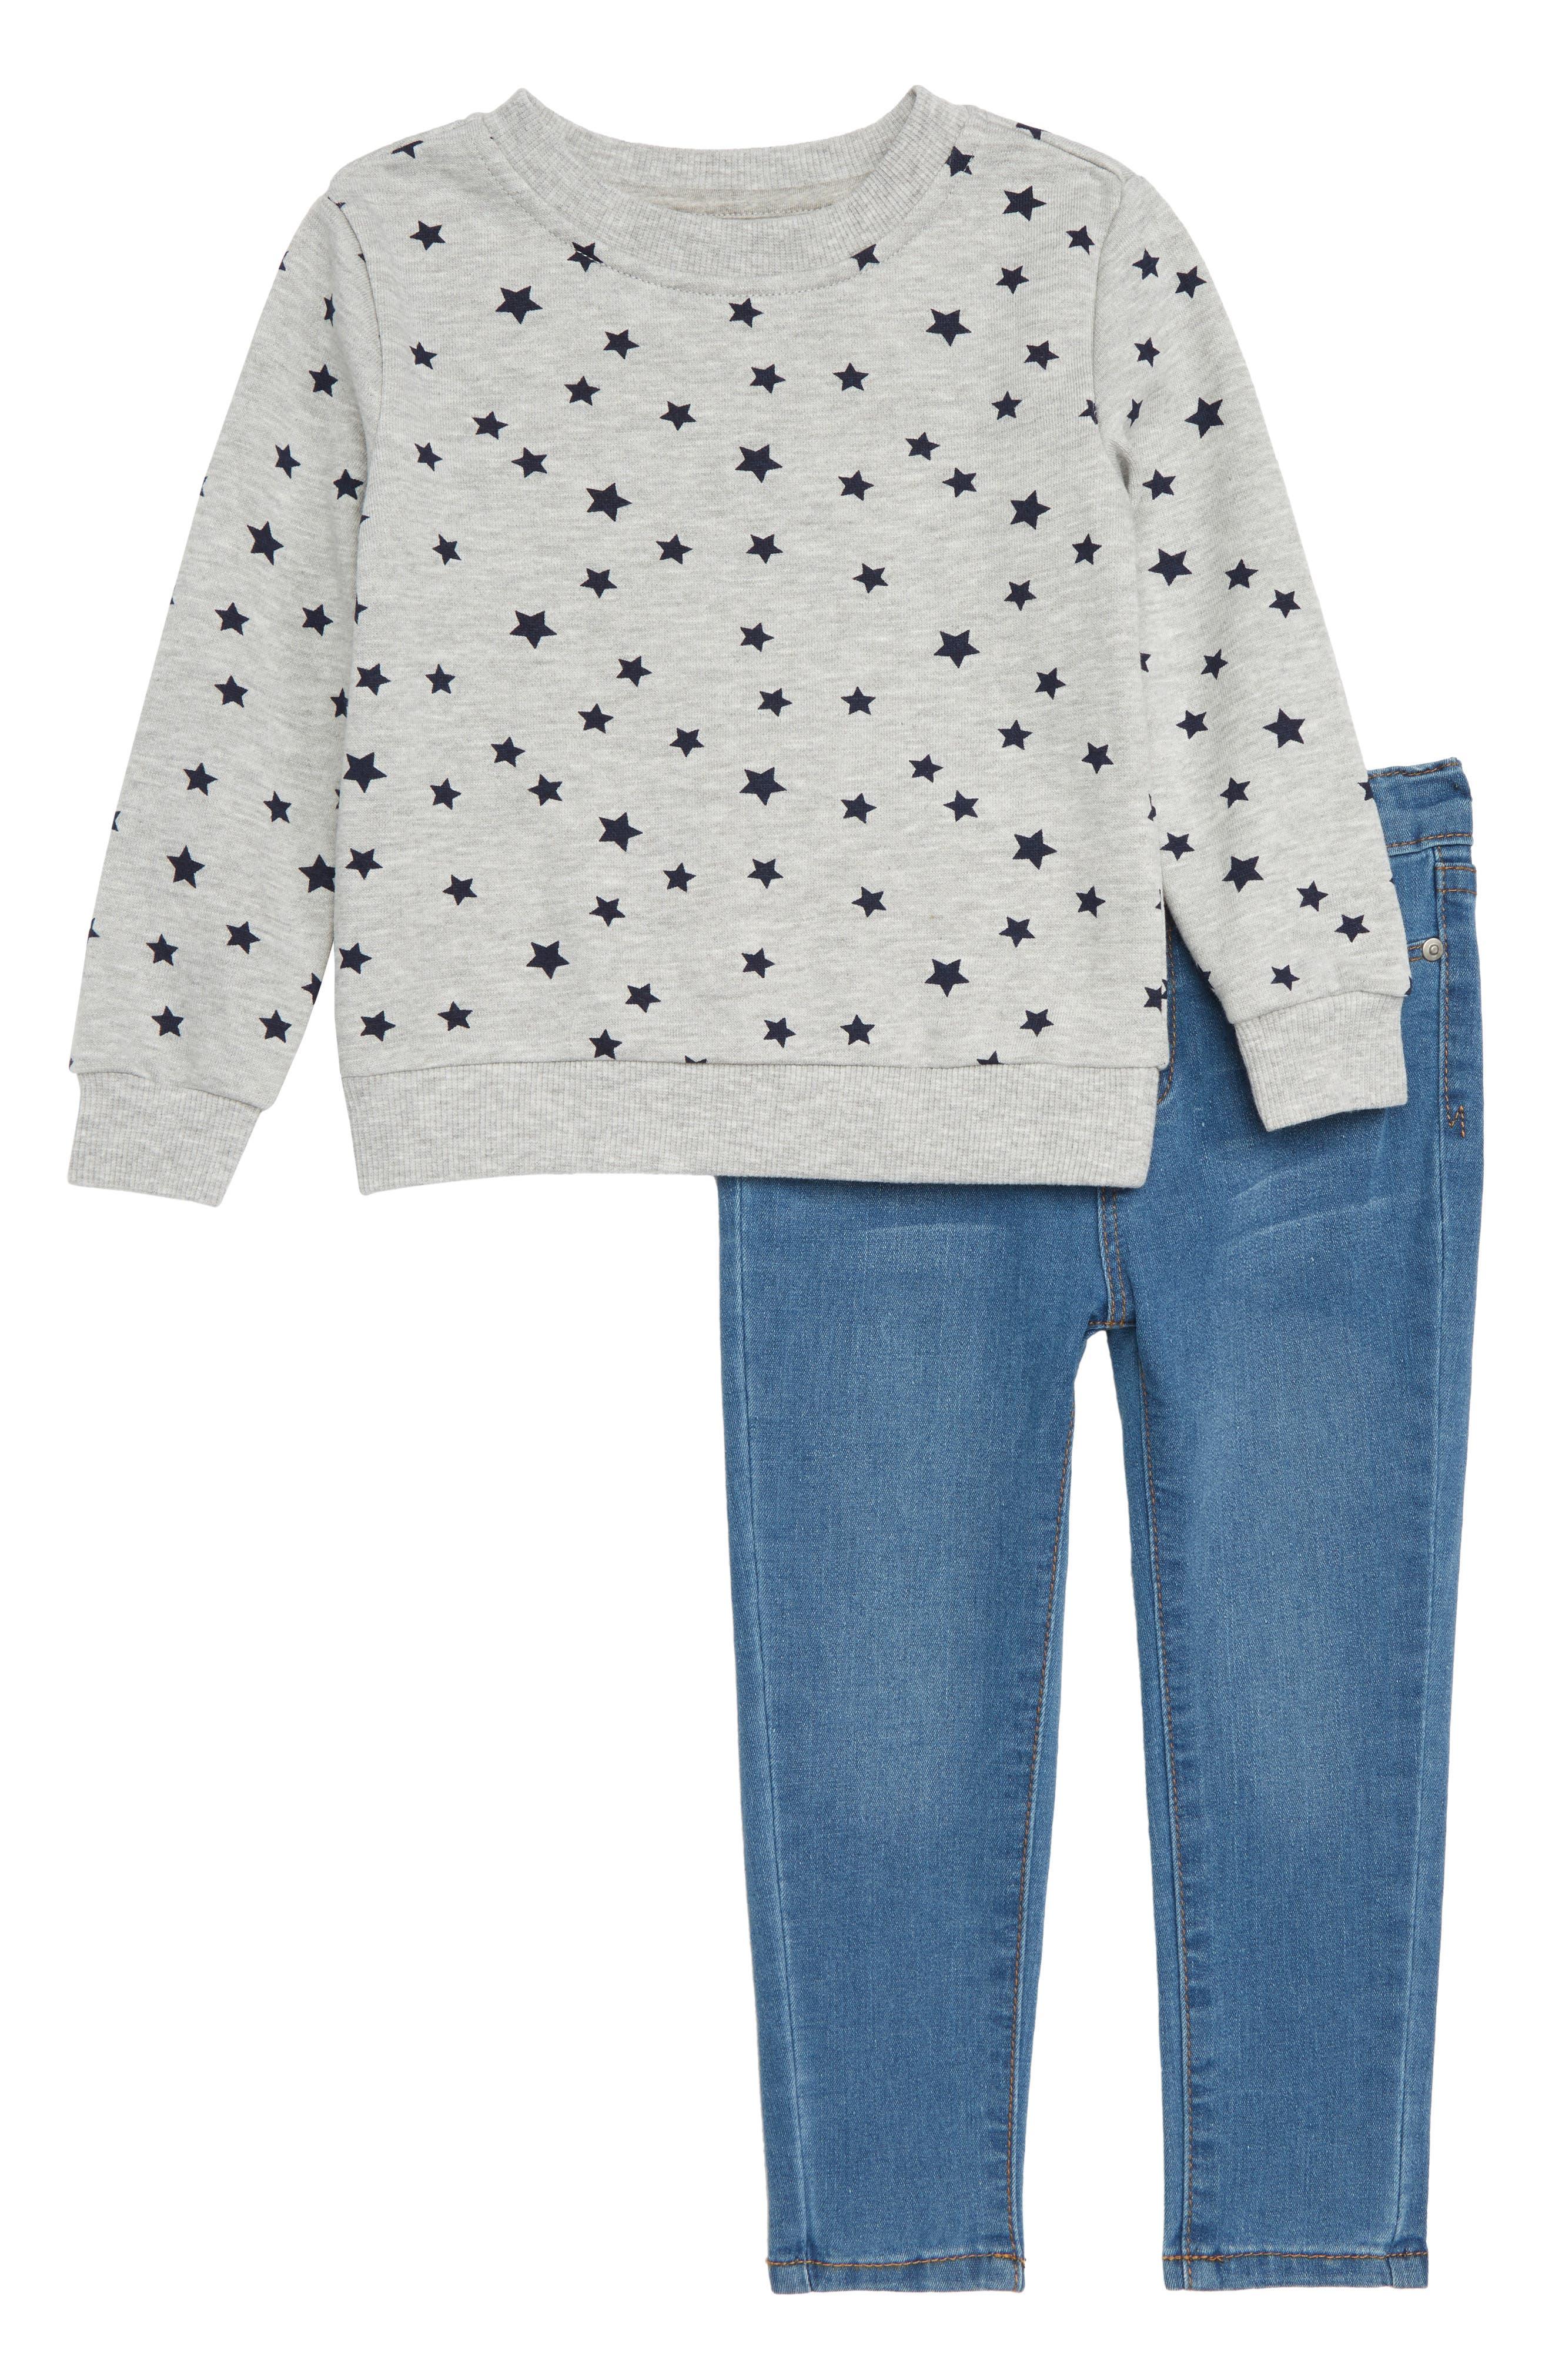 Sweatshirt & Jeans Set,                         Main,                         color, 950